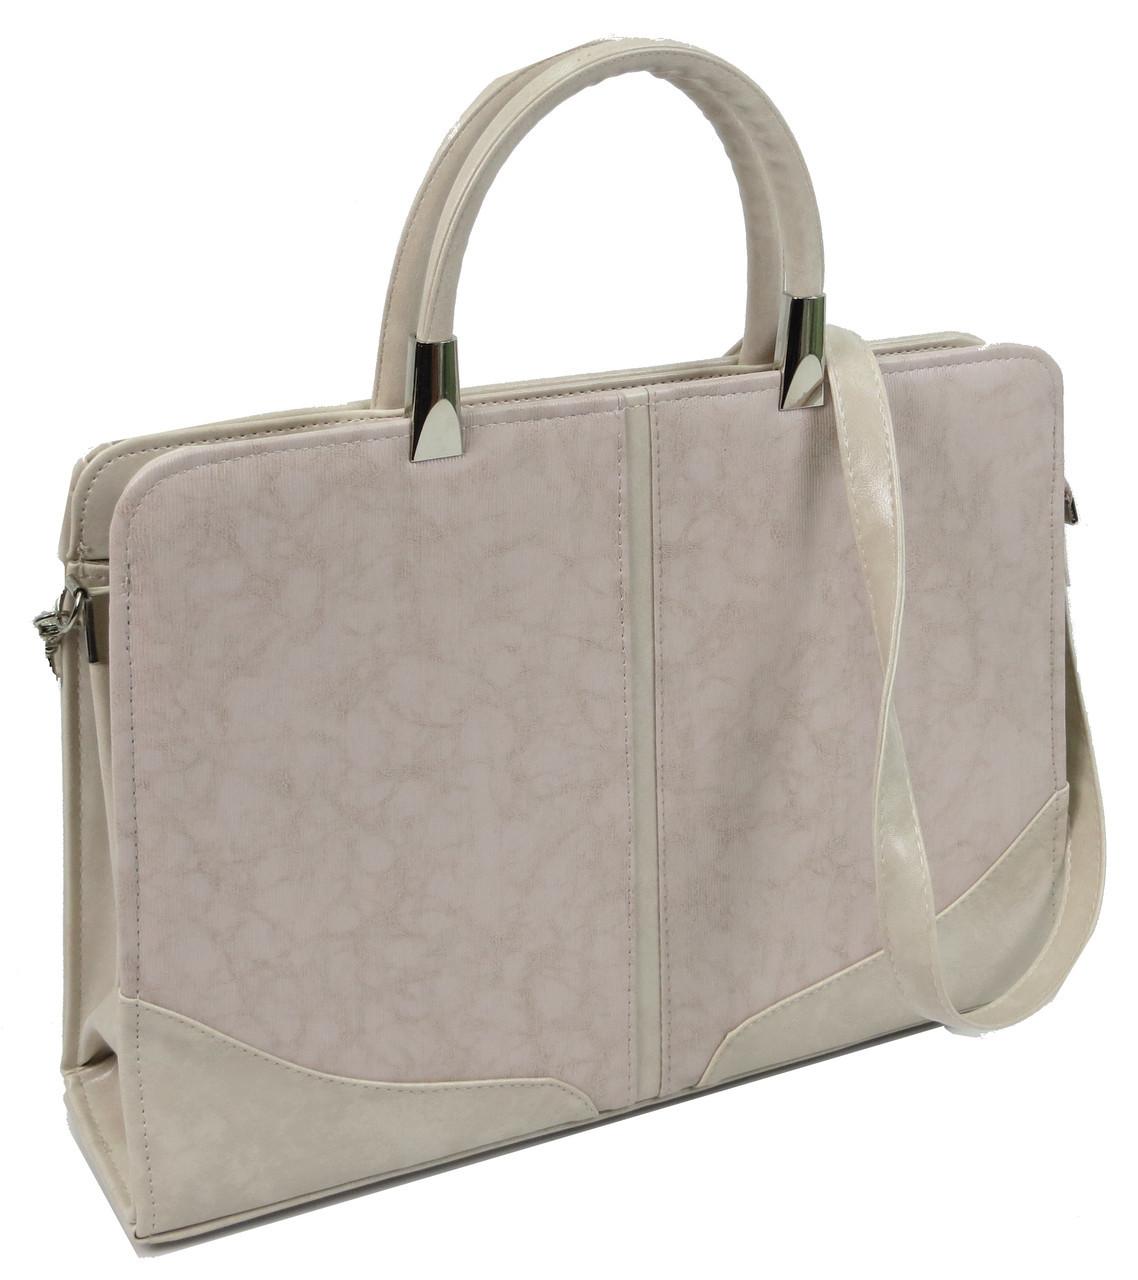 Жіночий портфель, ділова сумка з еко шкіри Arwena бежева